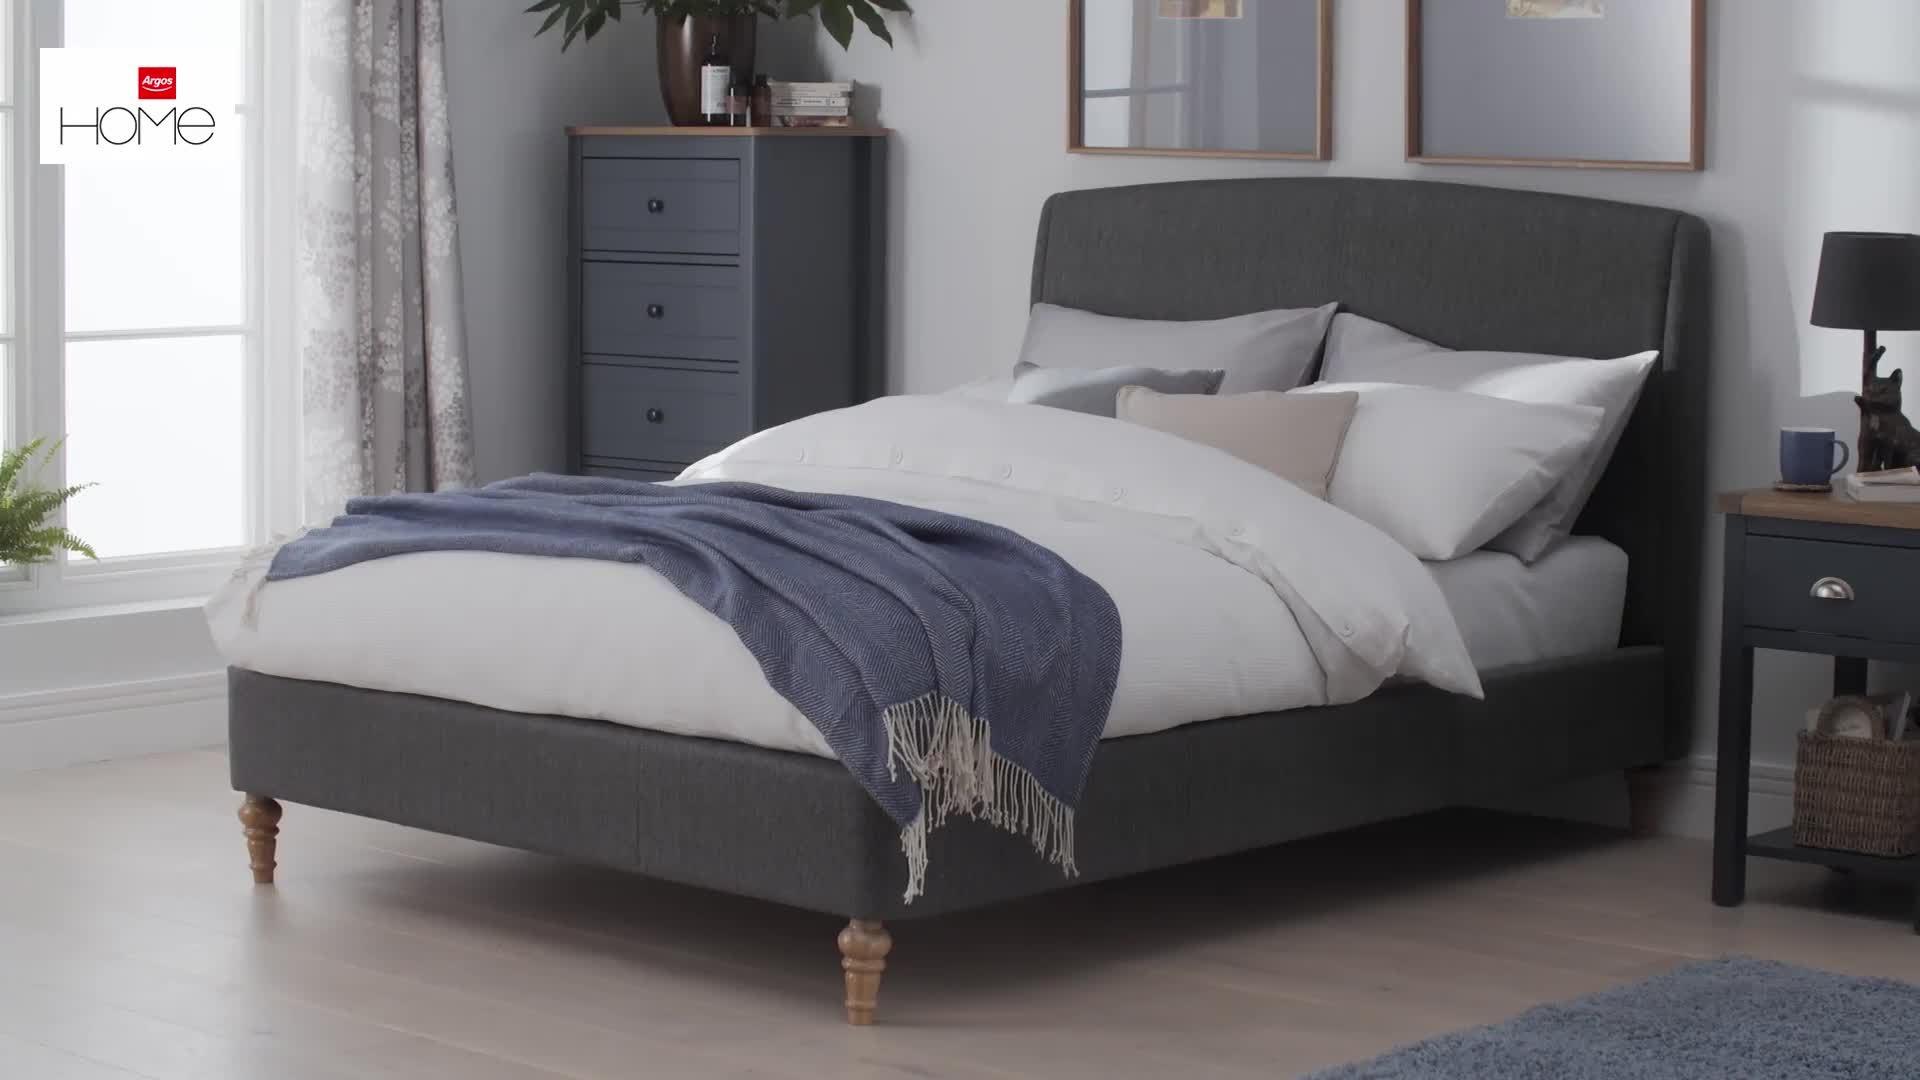 Buy Argos Home Maltese Double Bed Frame - Grey  Bed frames  Argos